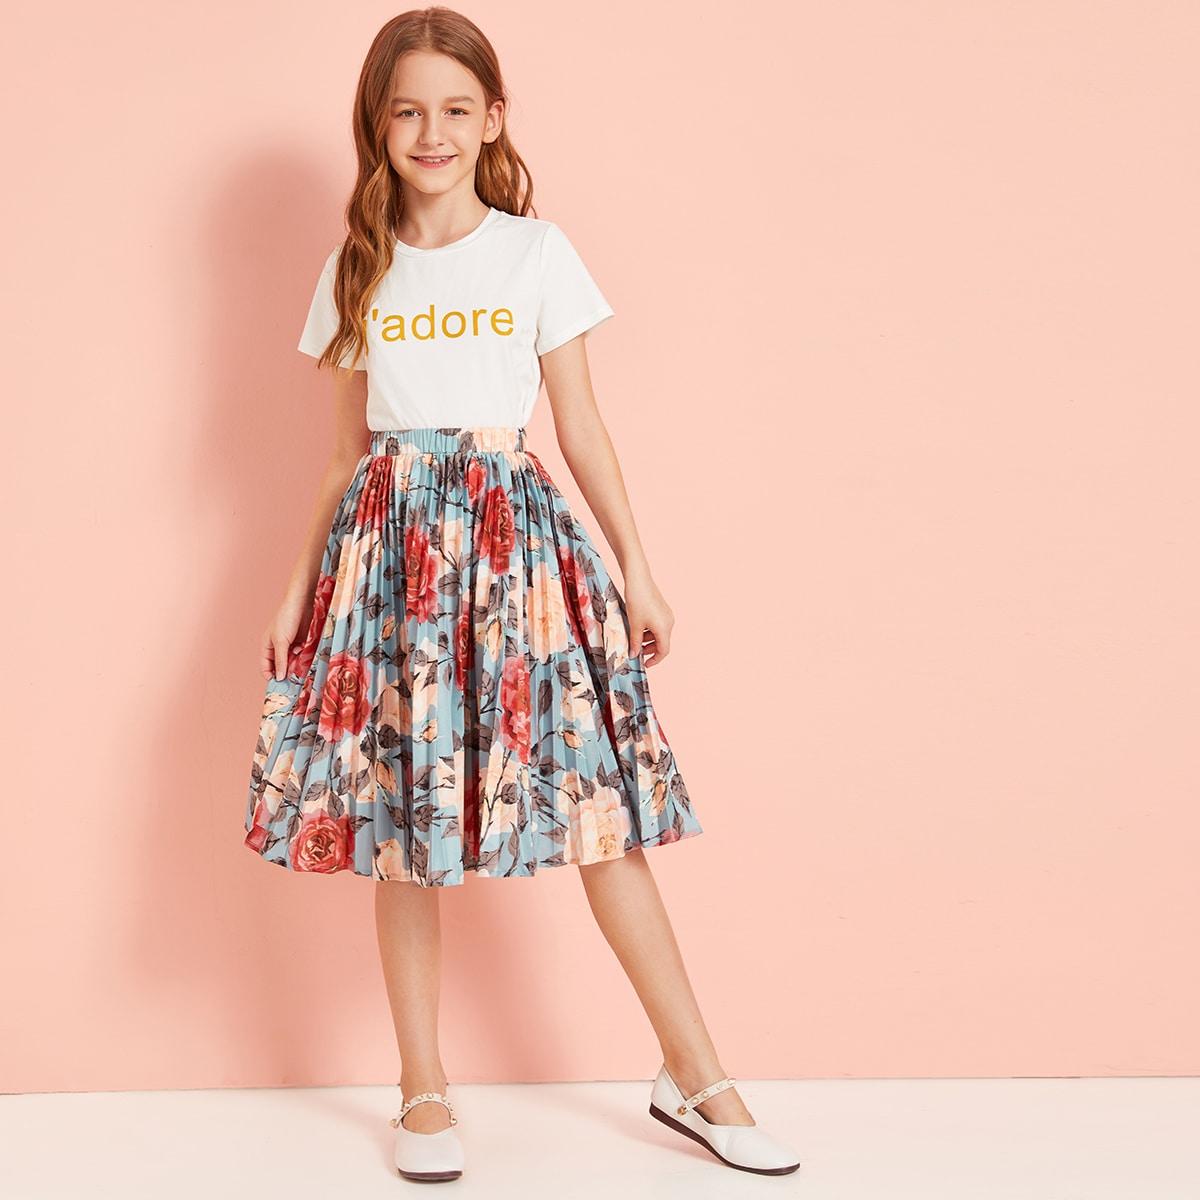 Топ с текстовым принтом и плиссированная юбка с цветочным принтом от SHEIN